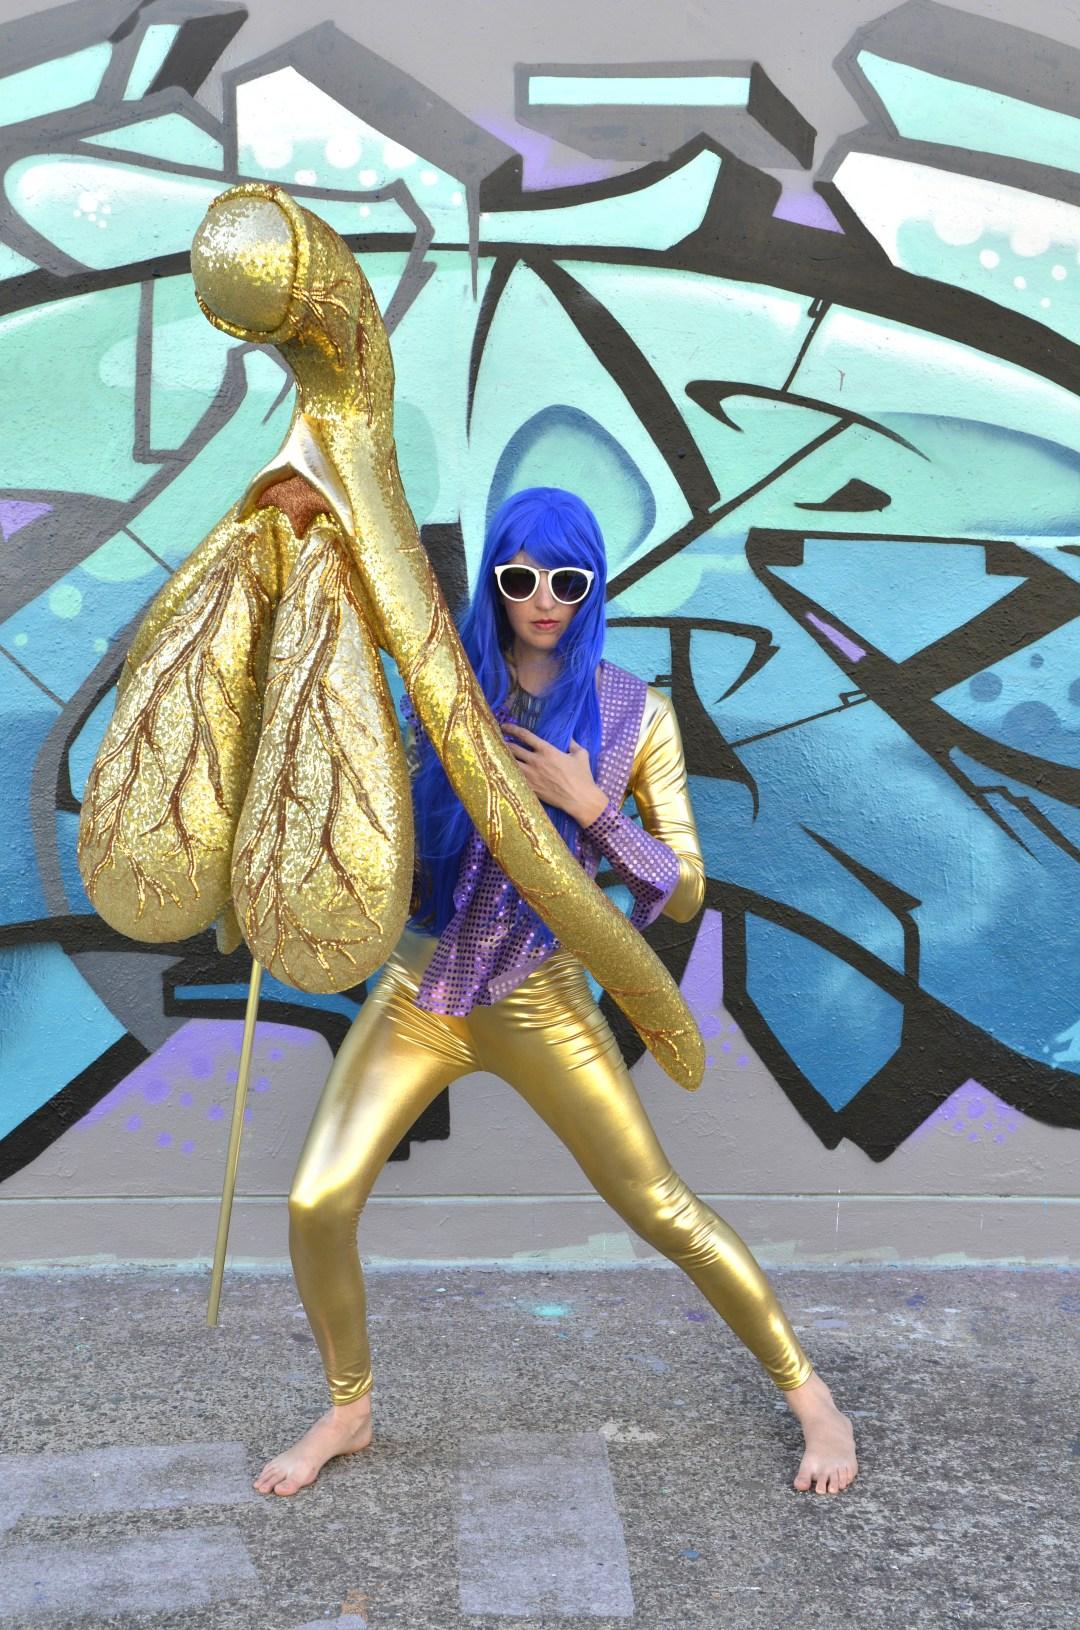 Die Künstlerin Alli Sebastian Wolf hat eine gigantische  goldene Klitoris-Statue  geschaffen, weil immer noch nicht alle wissen, wie dieses coole kleine Organ wirklich aussieht.